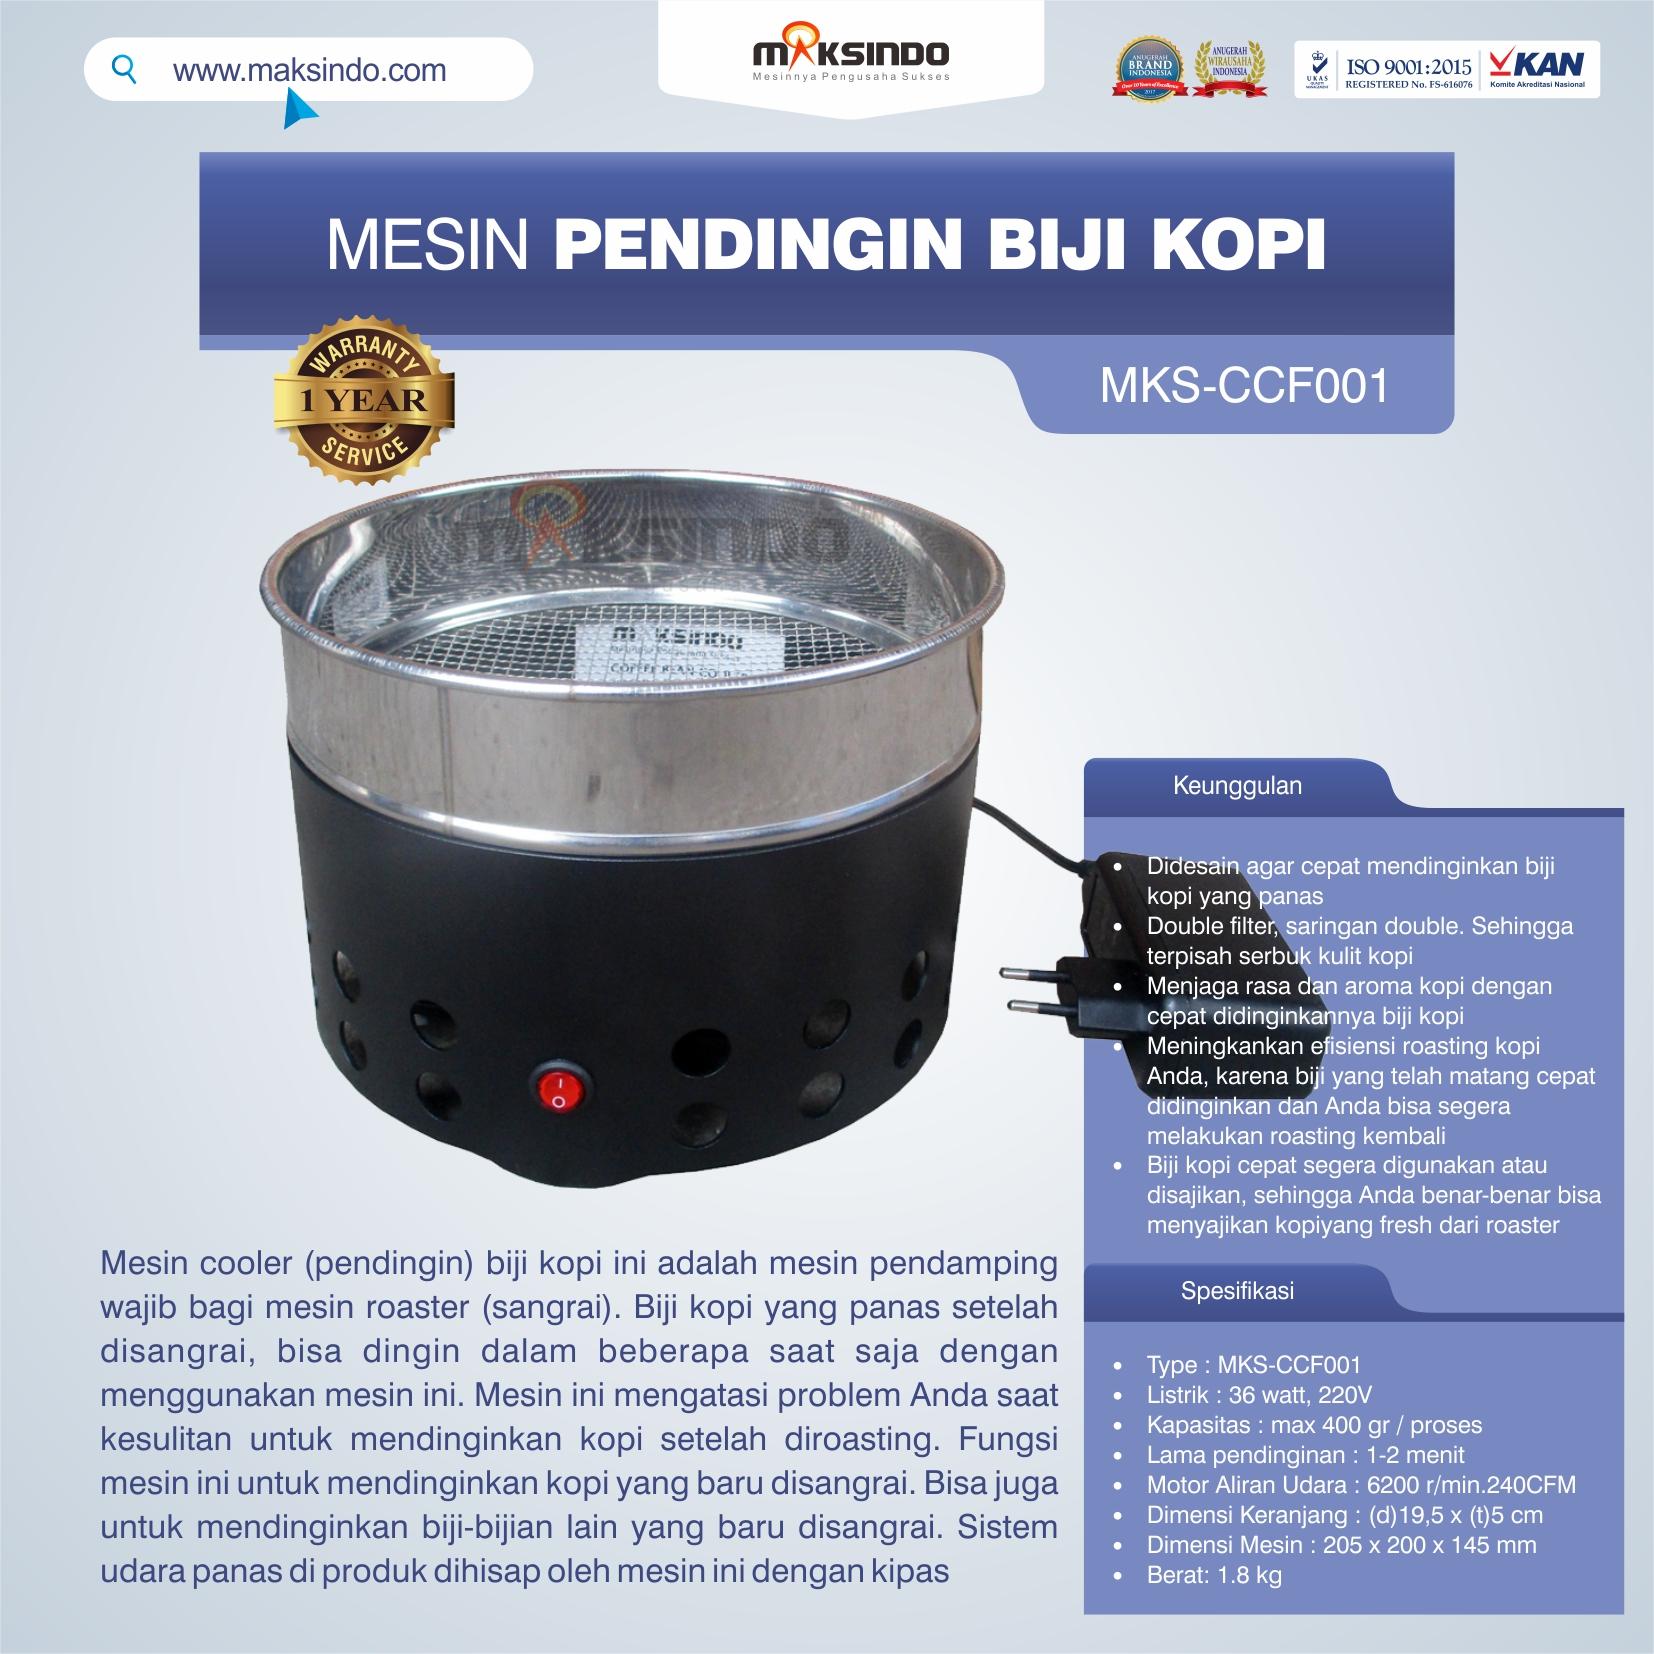 Jual Mesin Pendingin Biji Kopi MKS-CCF001 di Medan